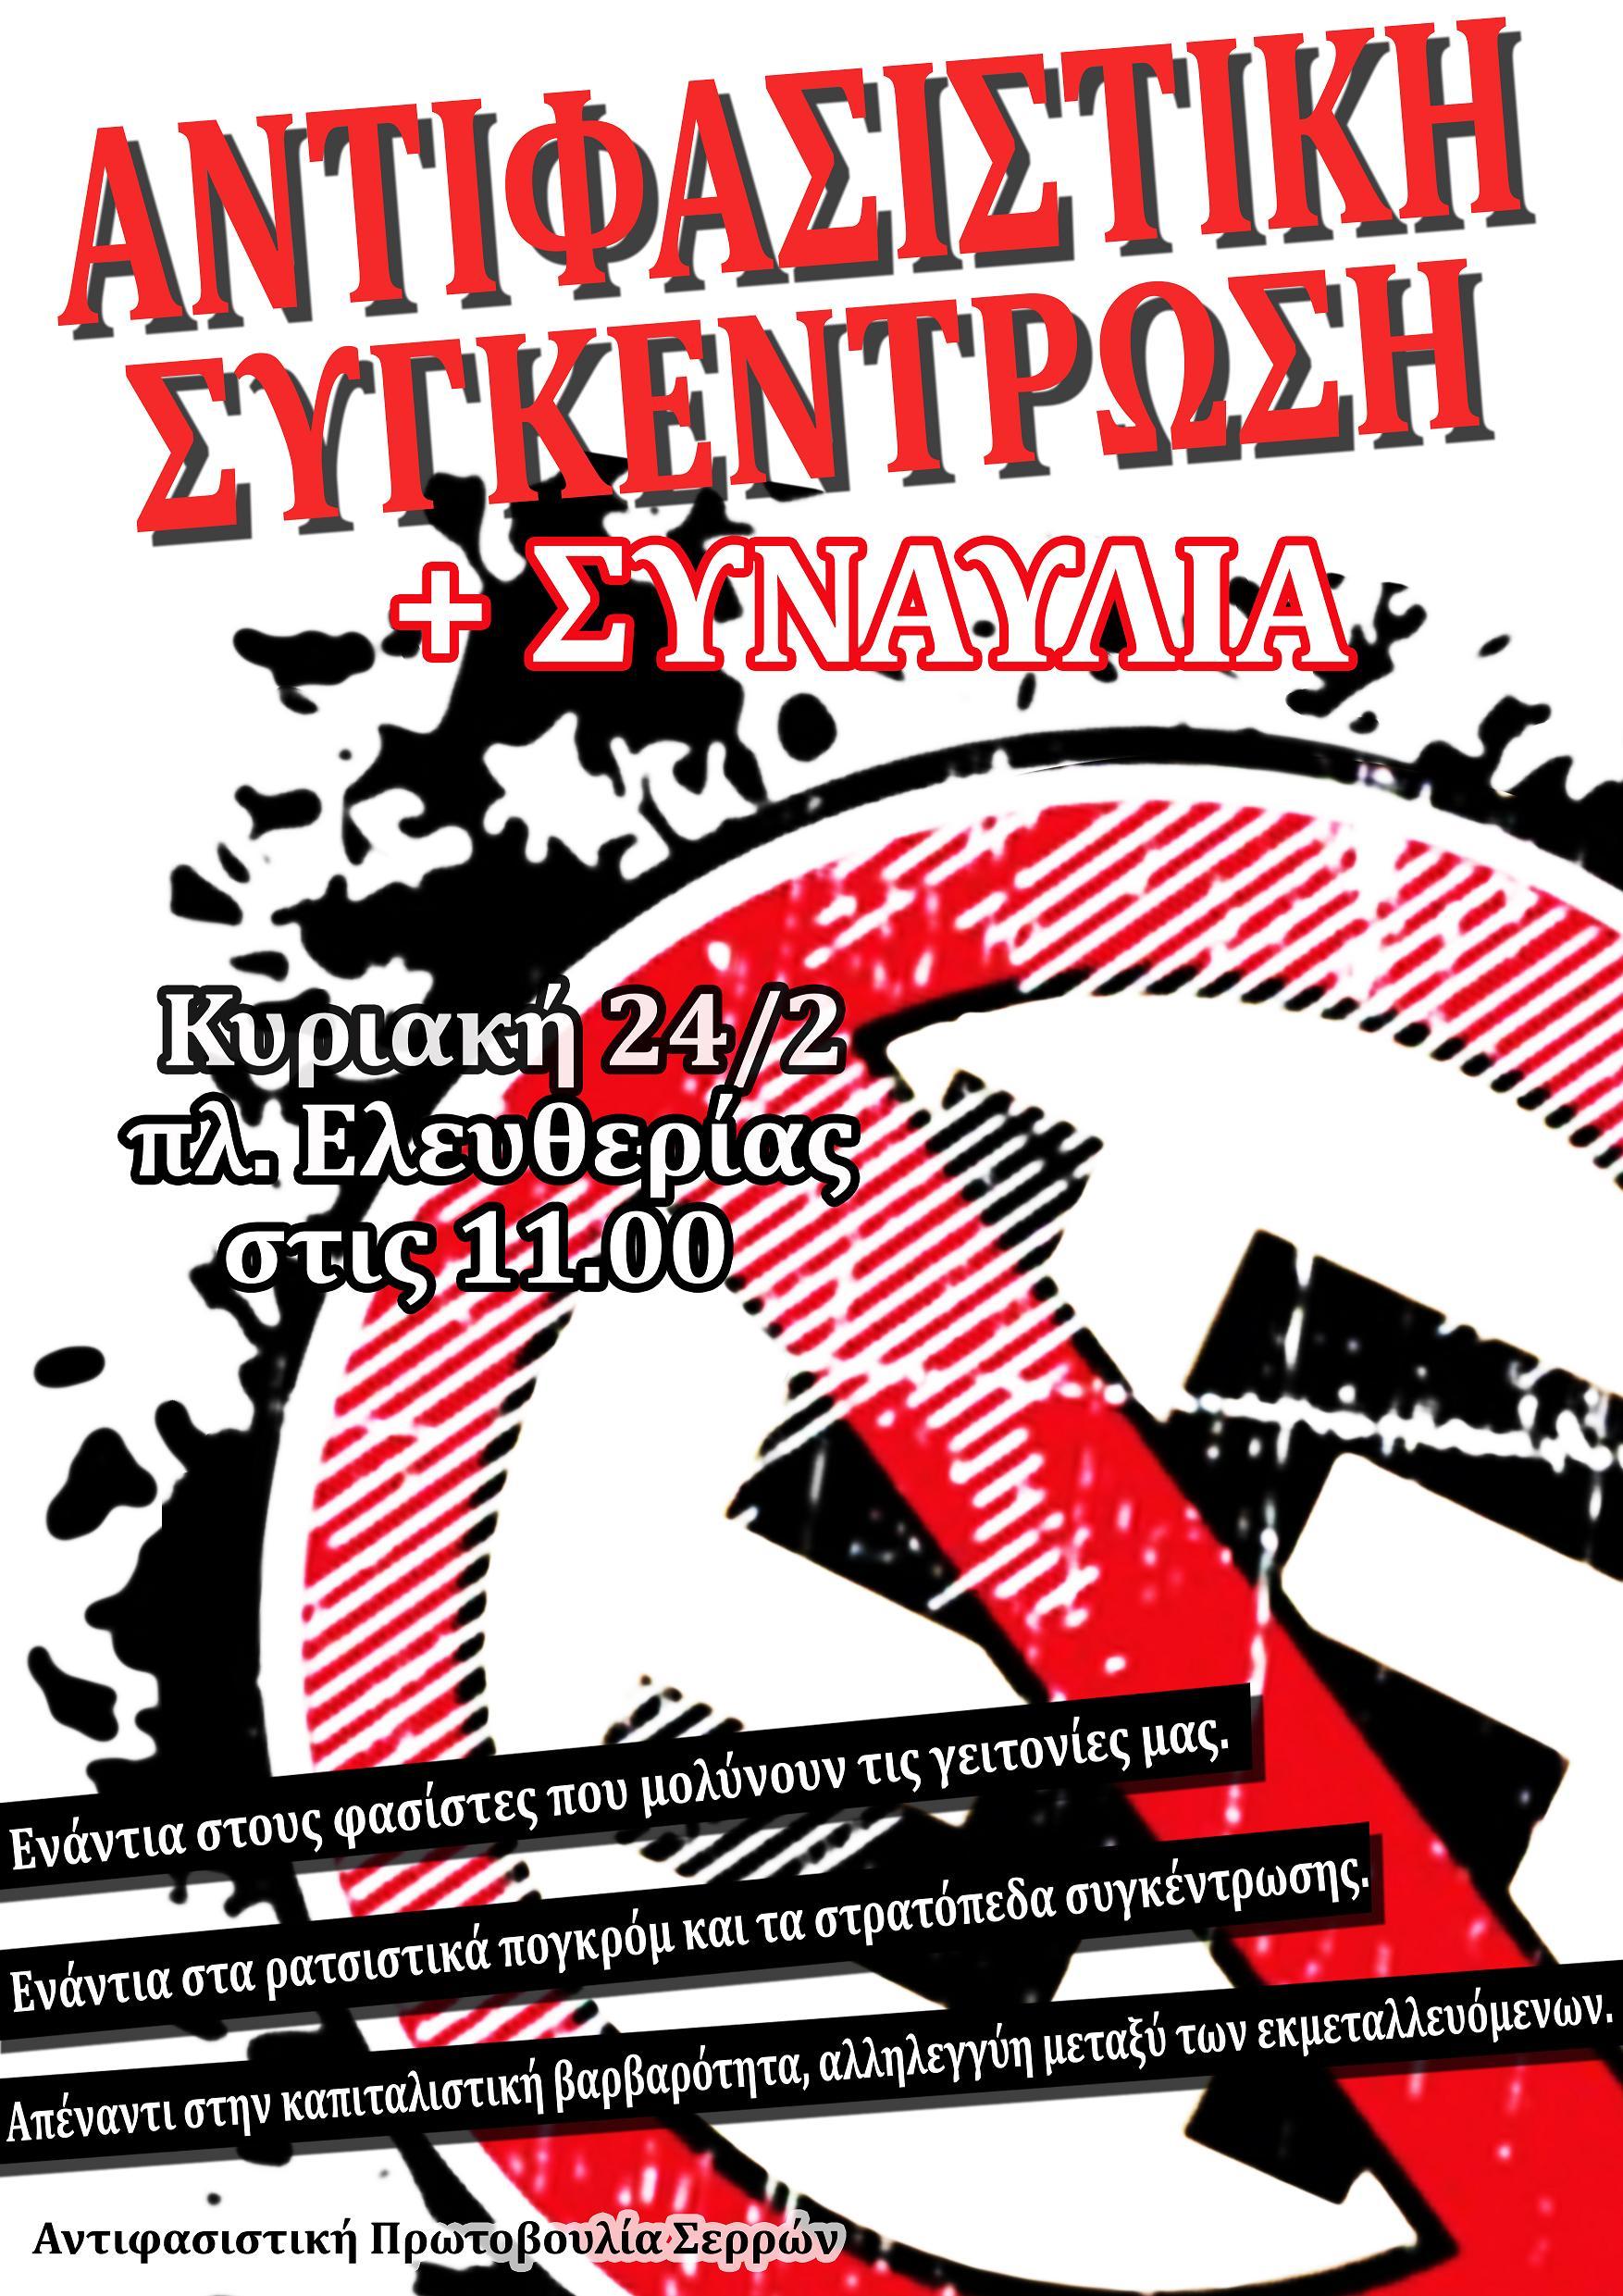 Σέρρες 2013.02.24 (Συναυλία-Εκδήλωση) - αφίσα